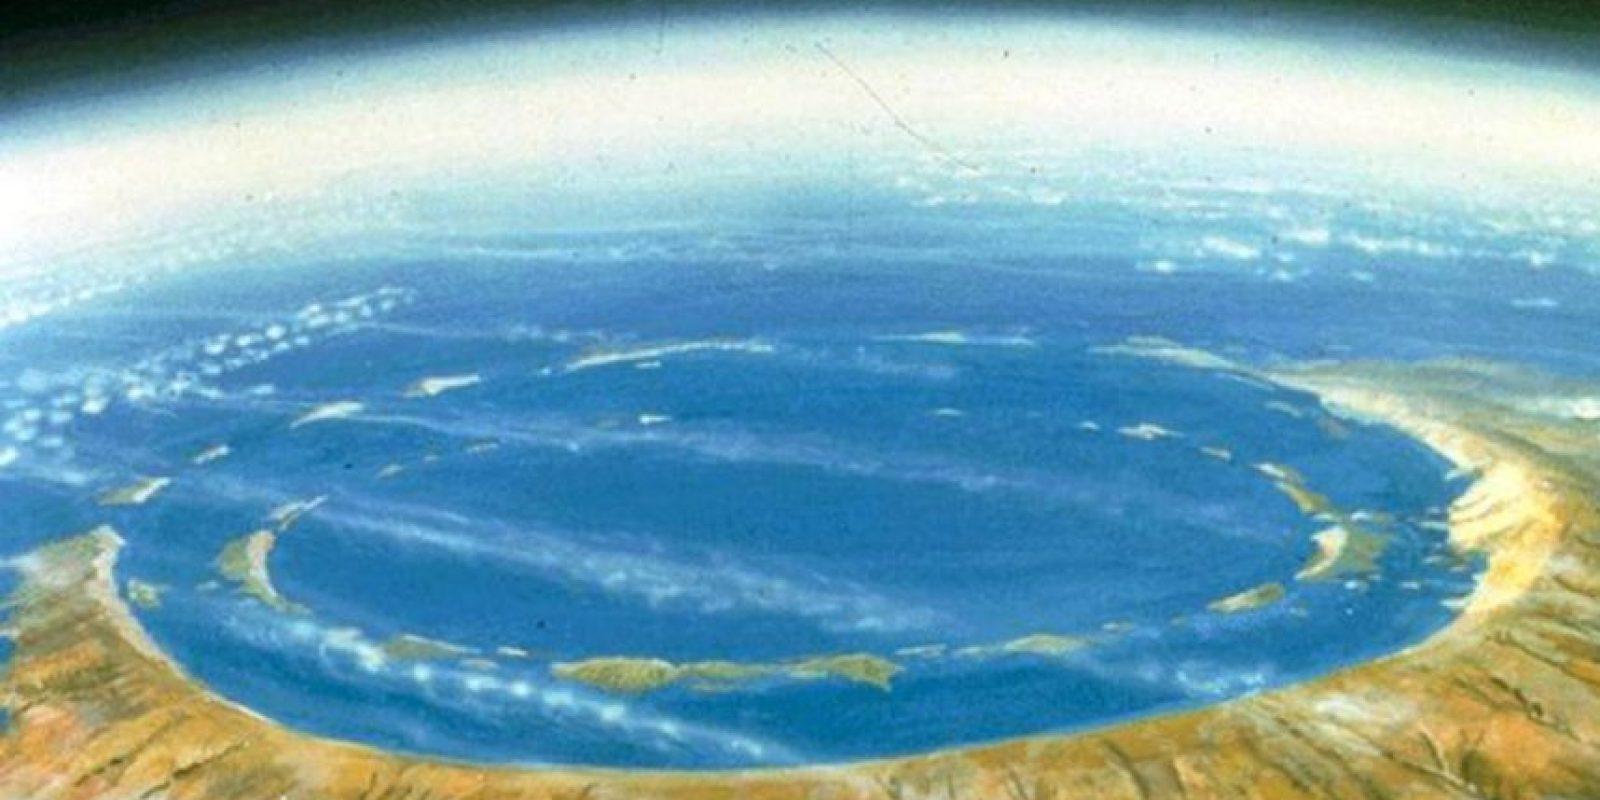 Uno de los más cercanos en rozar la Tierra fue el asteroide Apofis en 2004. Aunque el riesgo es que vuelva en 2029. Pasaría a 35 mil kilómetros de la Tierra. Foto:vía Astroart